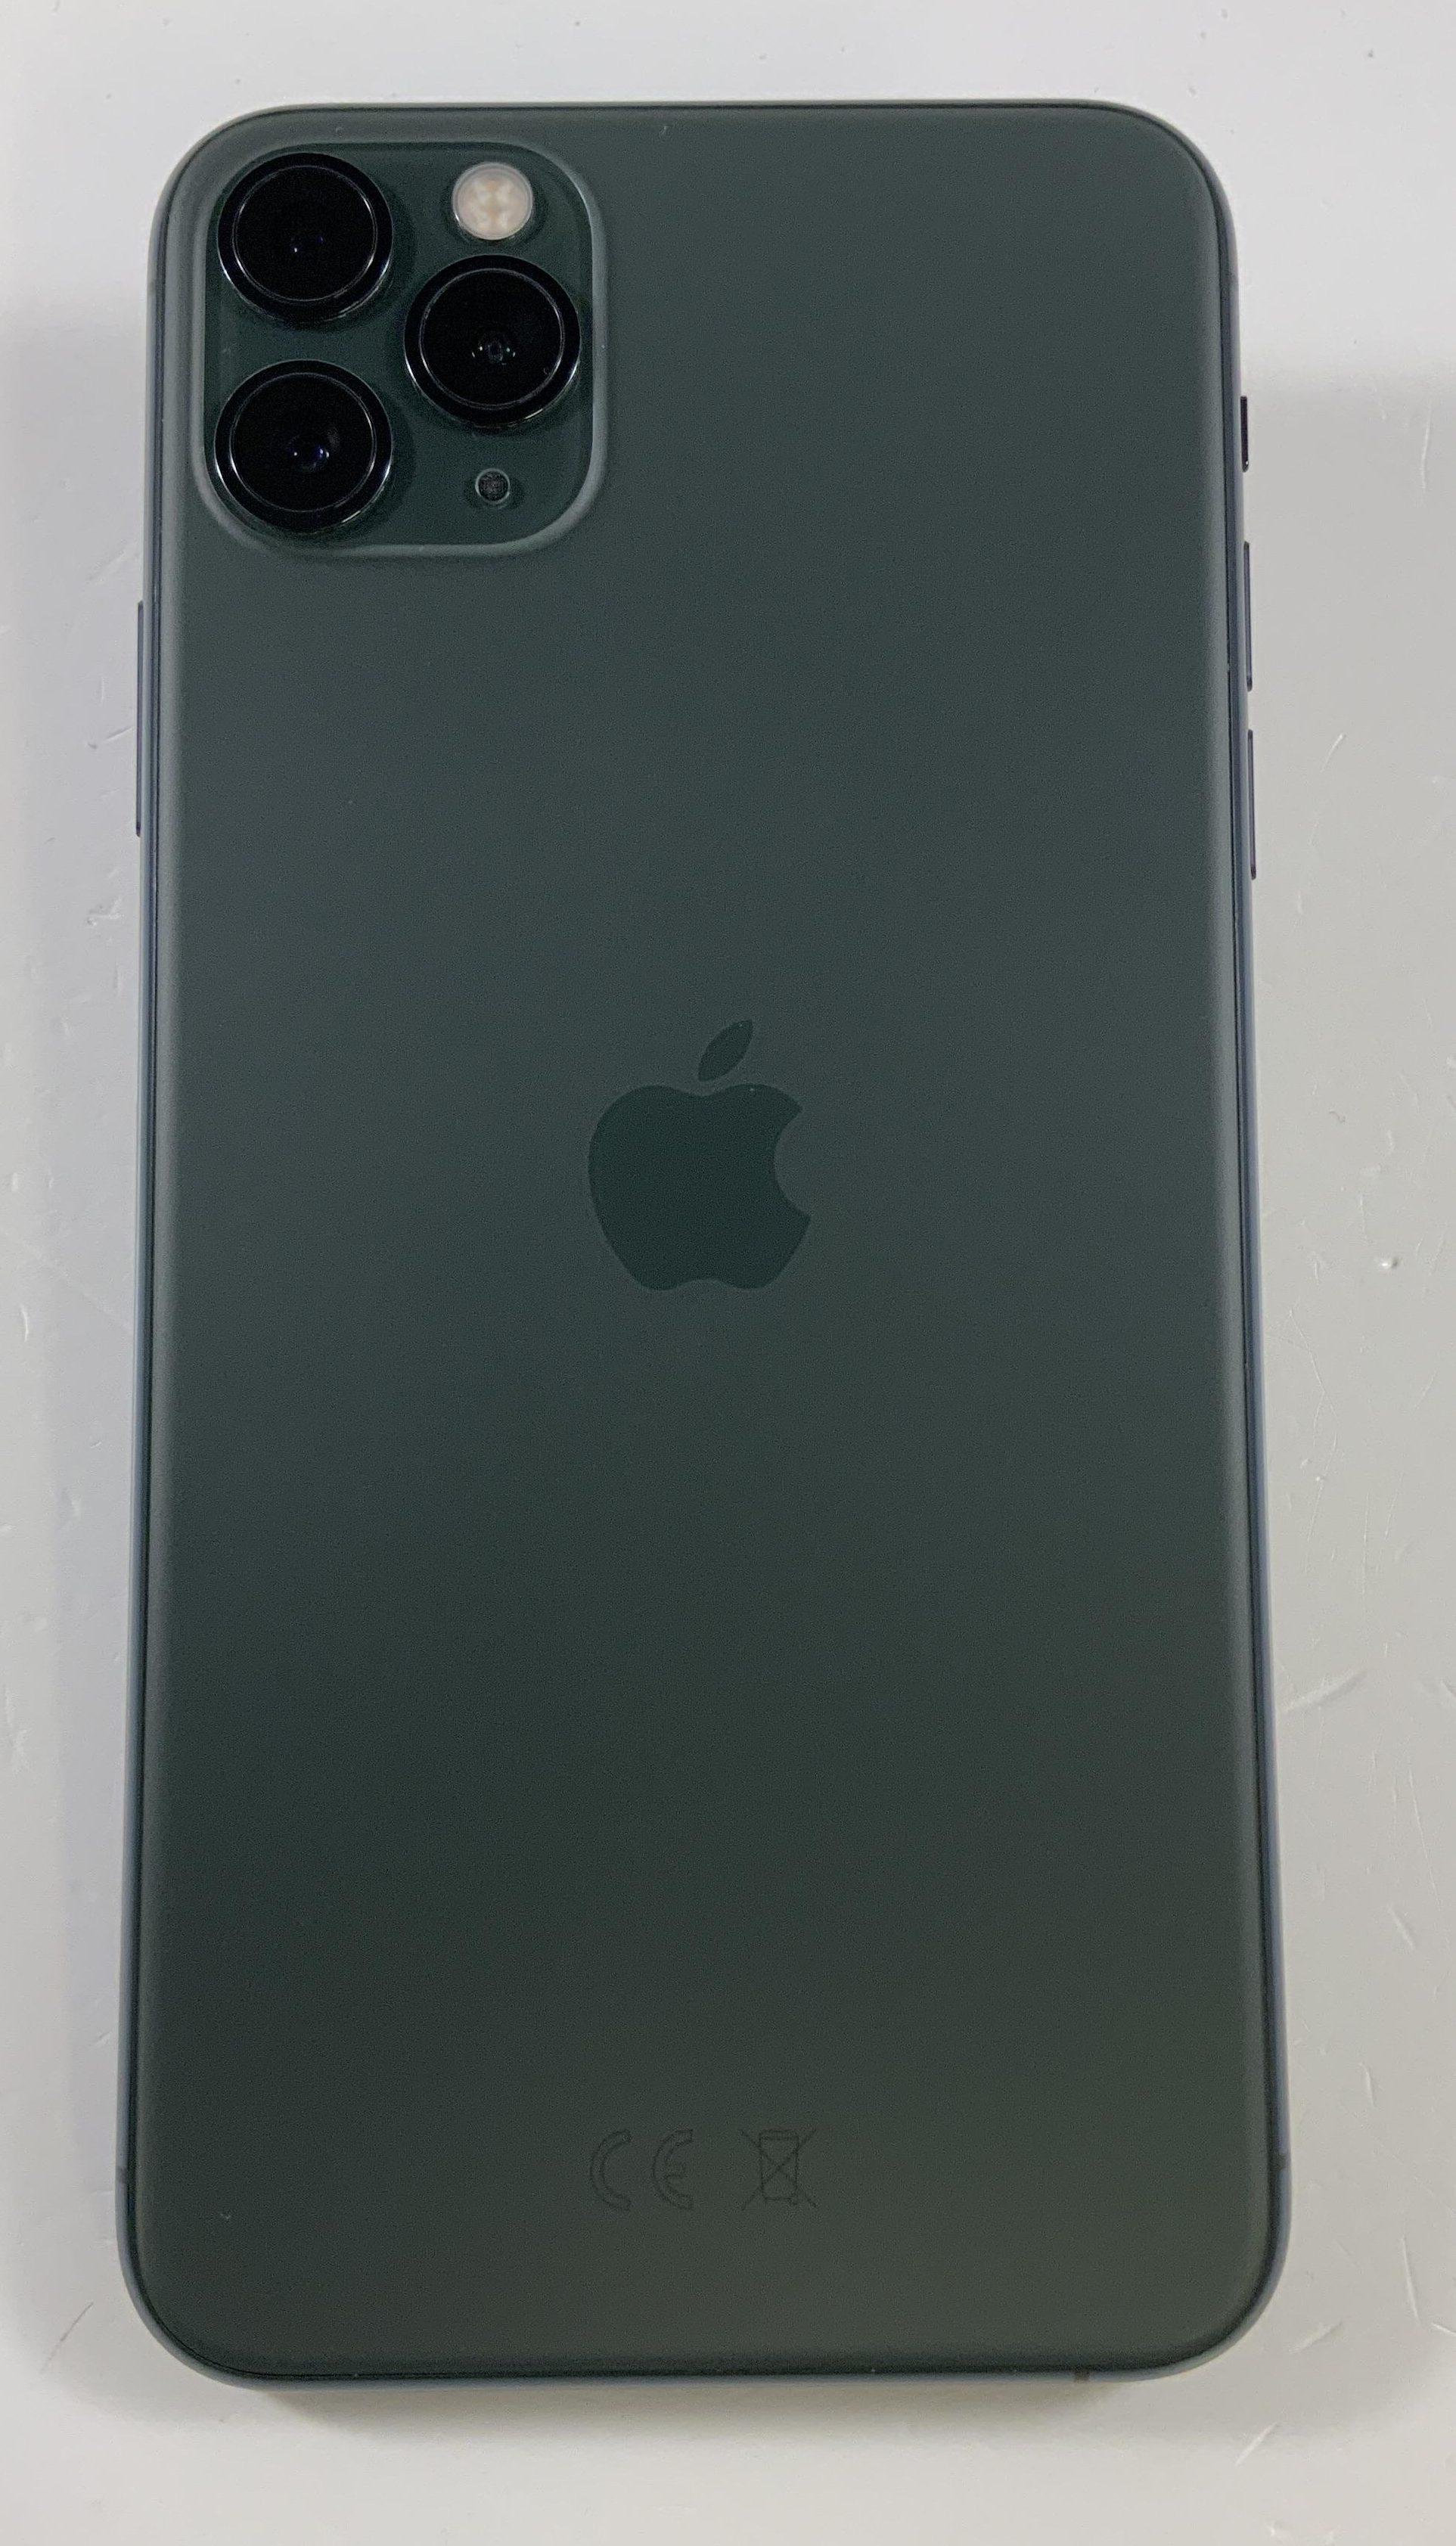 iPhone 11 Pro Max 512GB, 512GB, Midnight Green, obraz 2